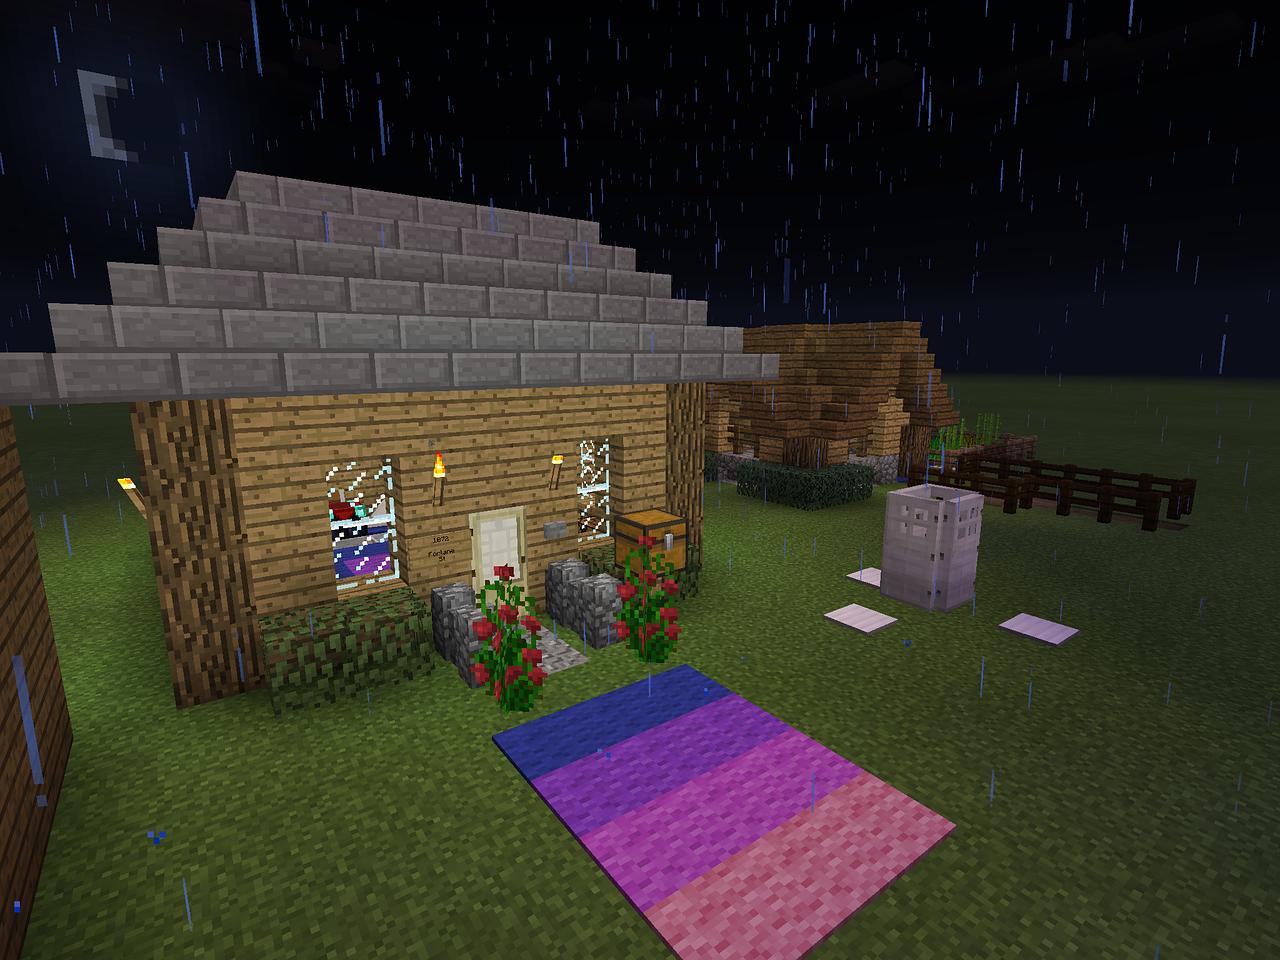 В Британии открыли вакансию ландшафтного дизайнера в Minecraft